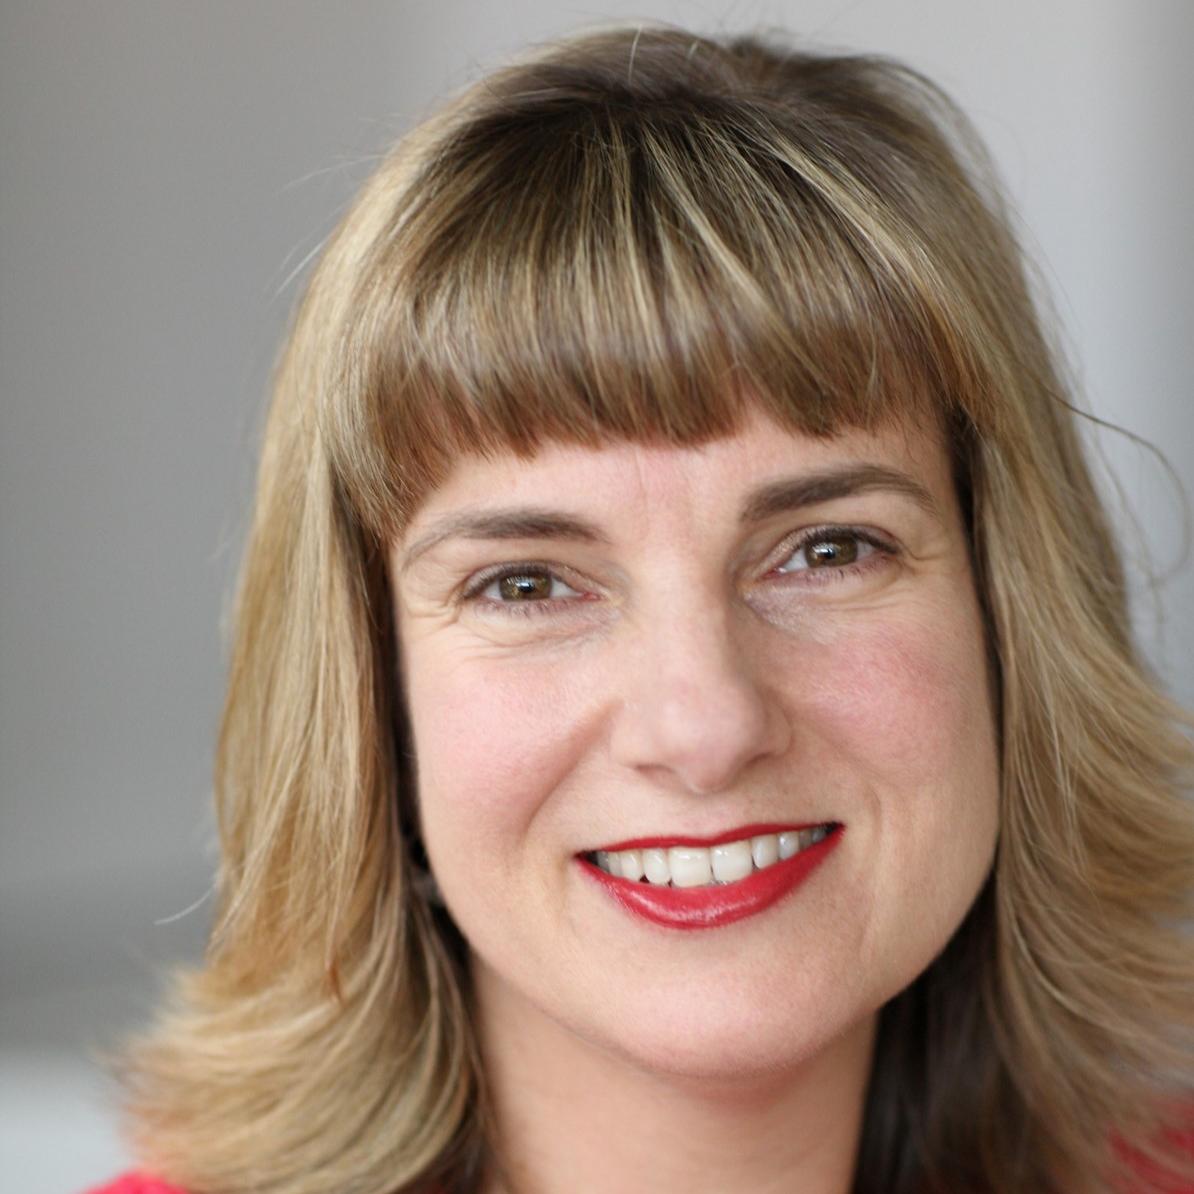 VANESSA BEGGS - Chief Operating Officer, Australian Banking Association